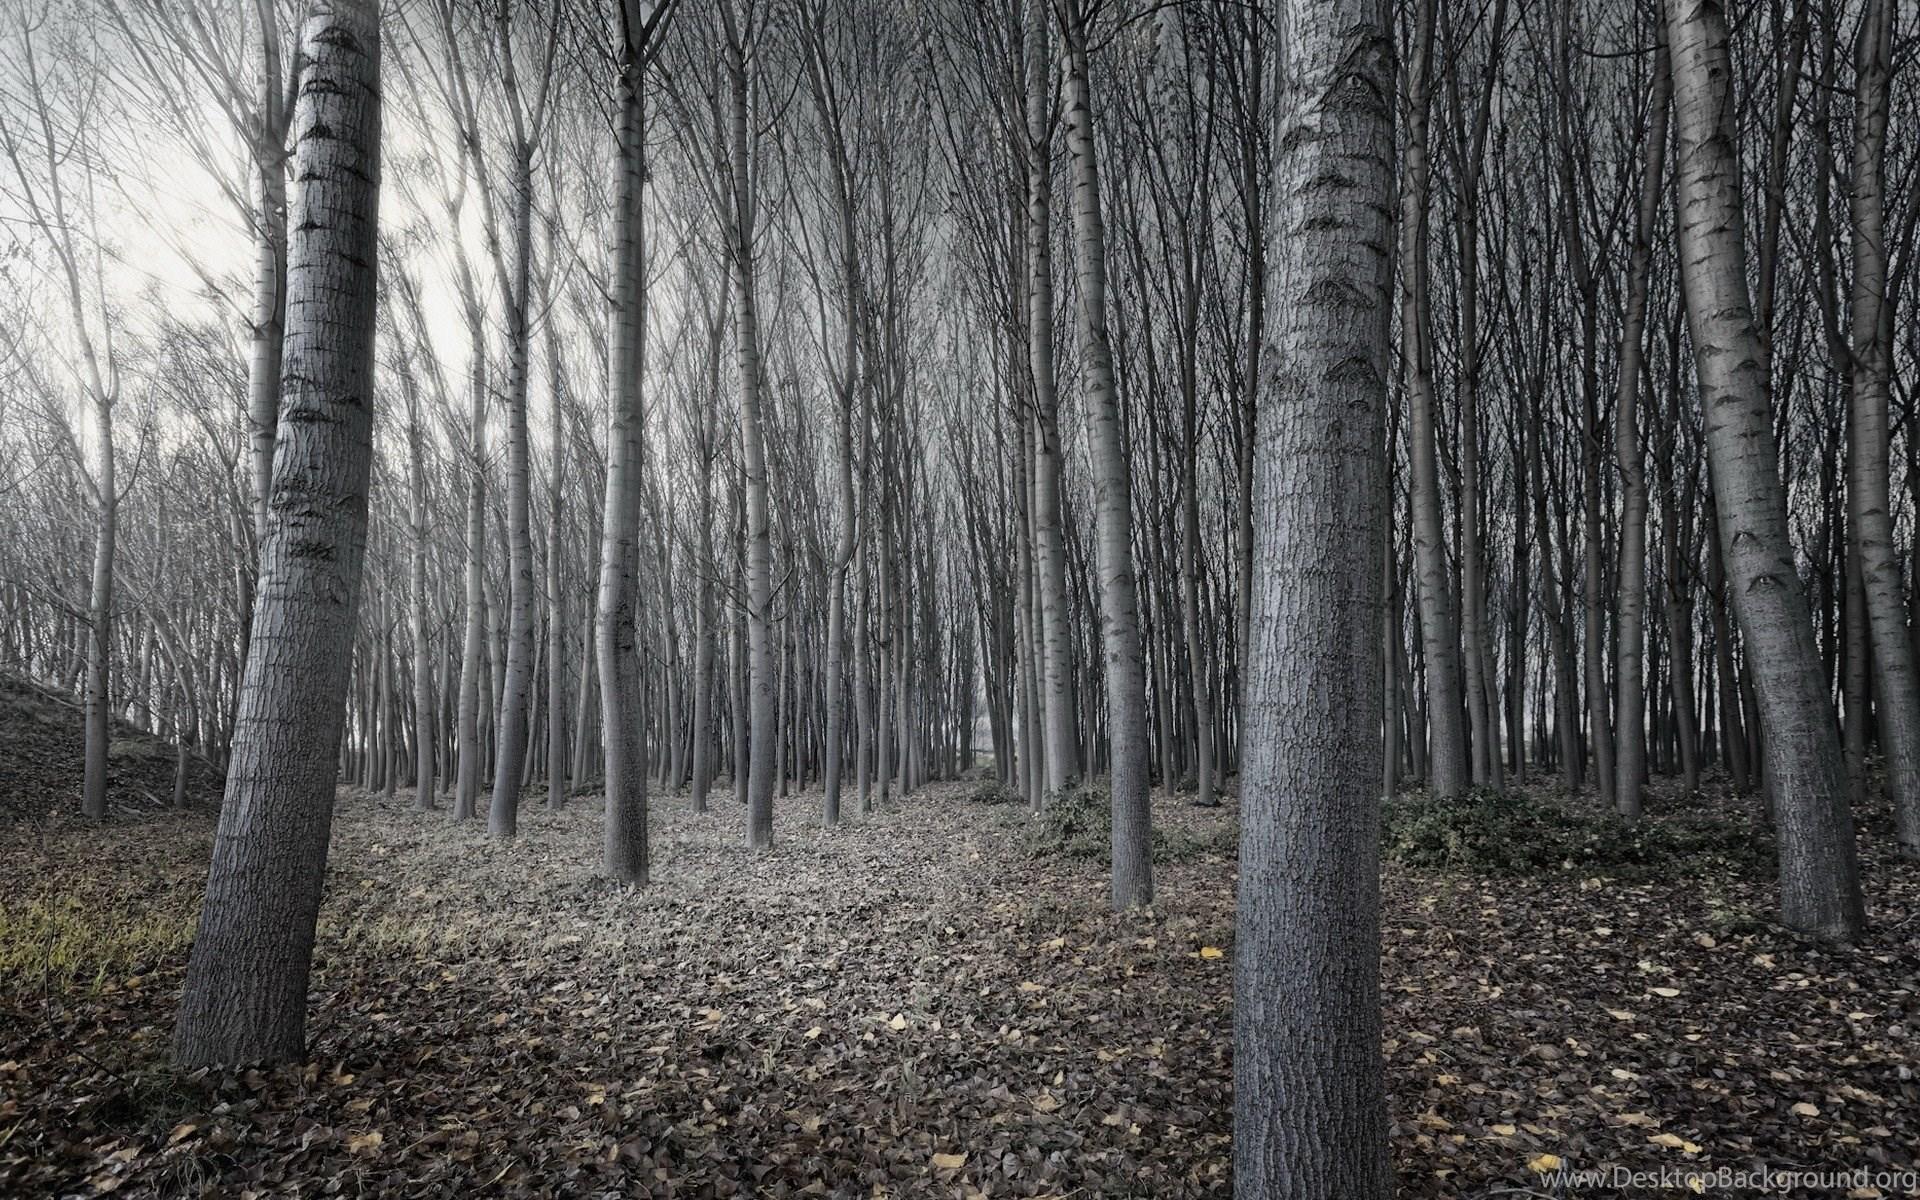 Dark Woods Wallpapers HD Desktop Background